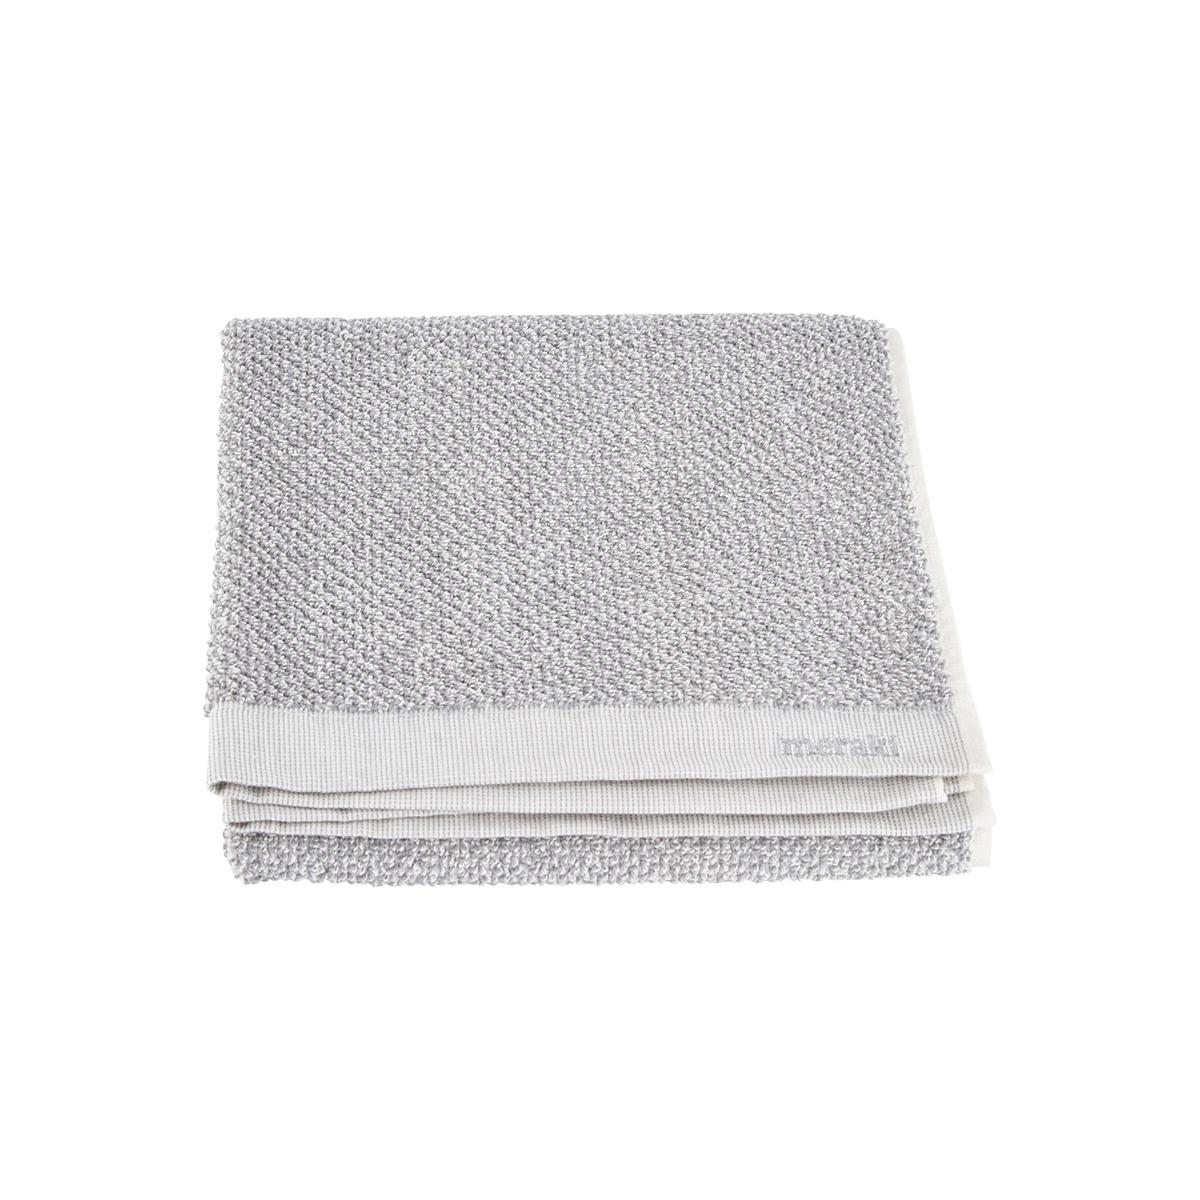 Image of   Meraki Håndklæde, hvid/grå, pakke m. 2 stk., 50 x 100 cm, 100% bomuld